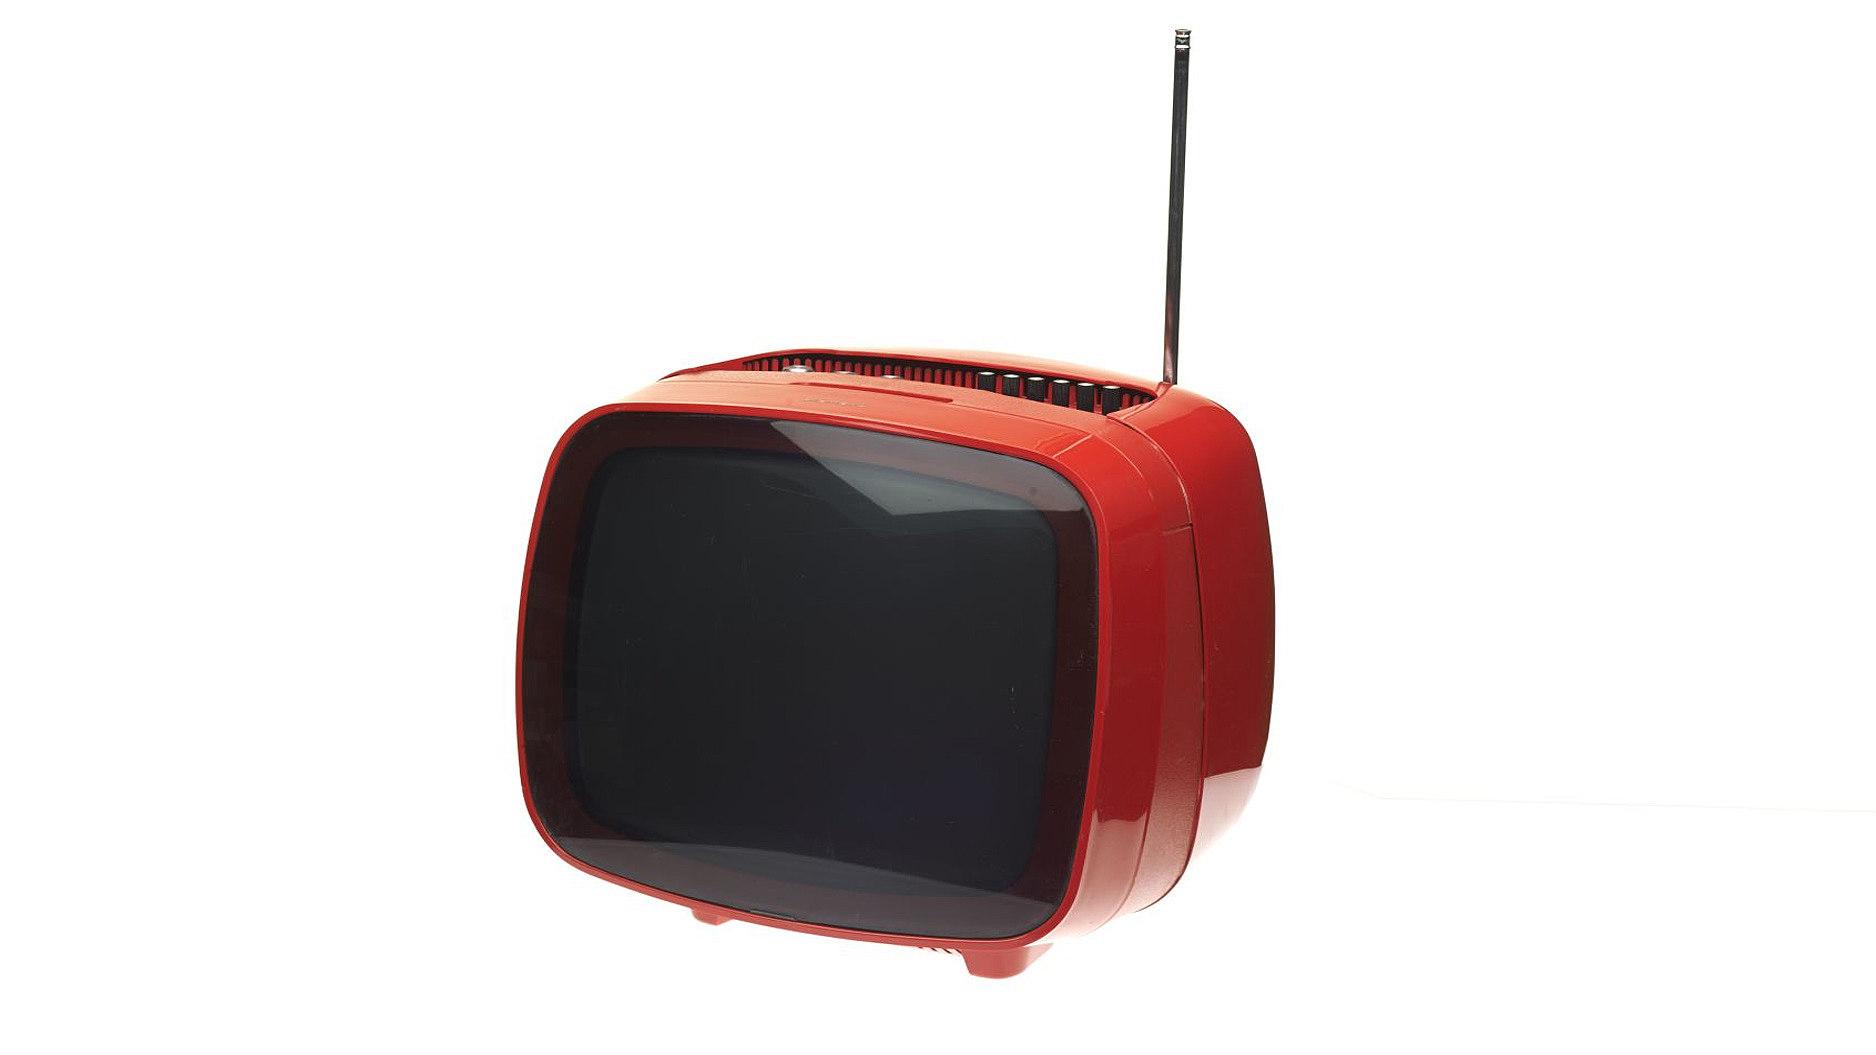 orangefarbener, kleiner runder Fernseher Siemens Alpha 31 aus den 1970er Jahren